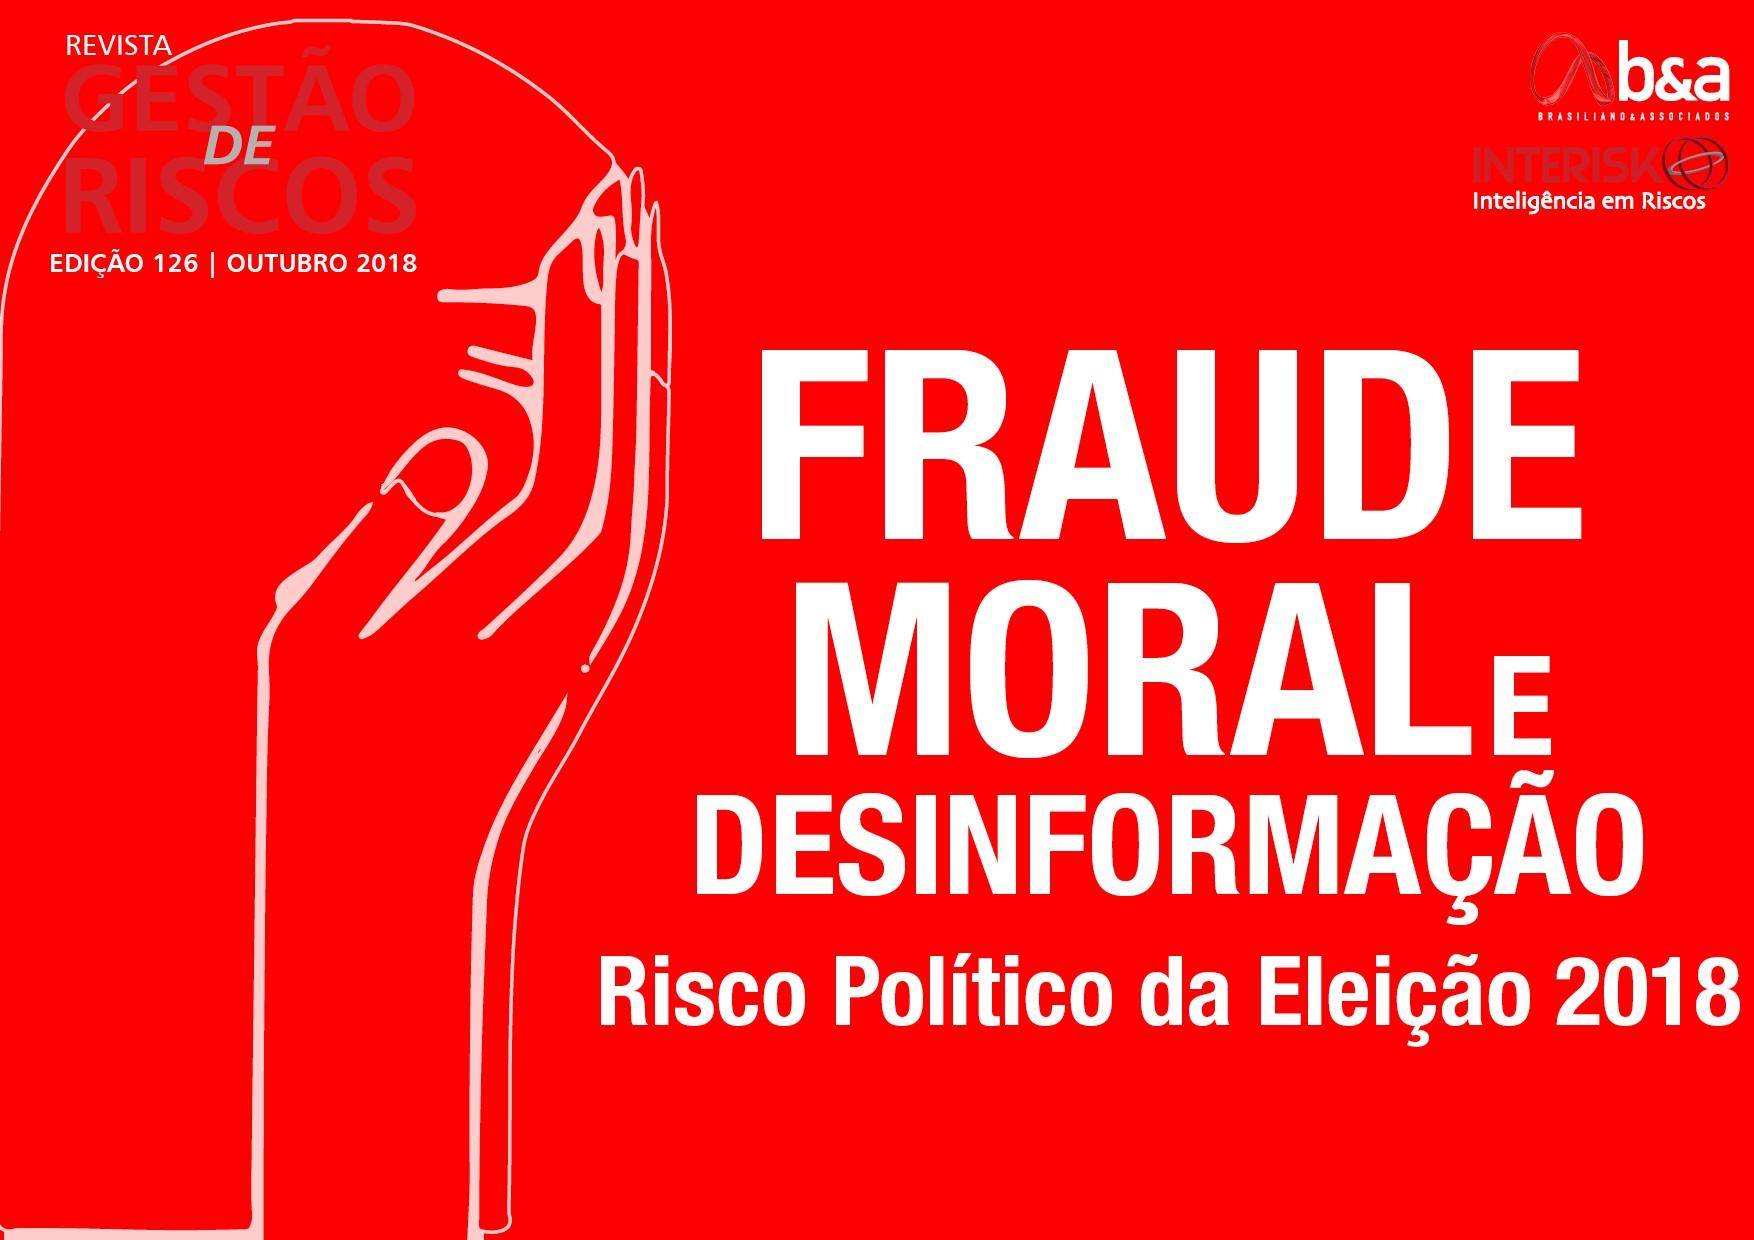 Fraude Moral e Desinformação - Risco Político Eleição